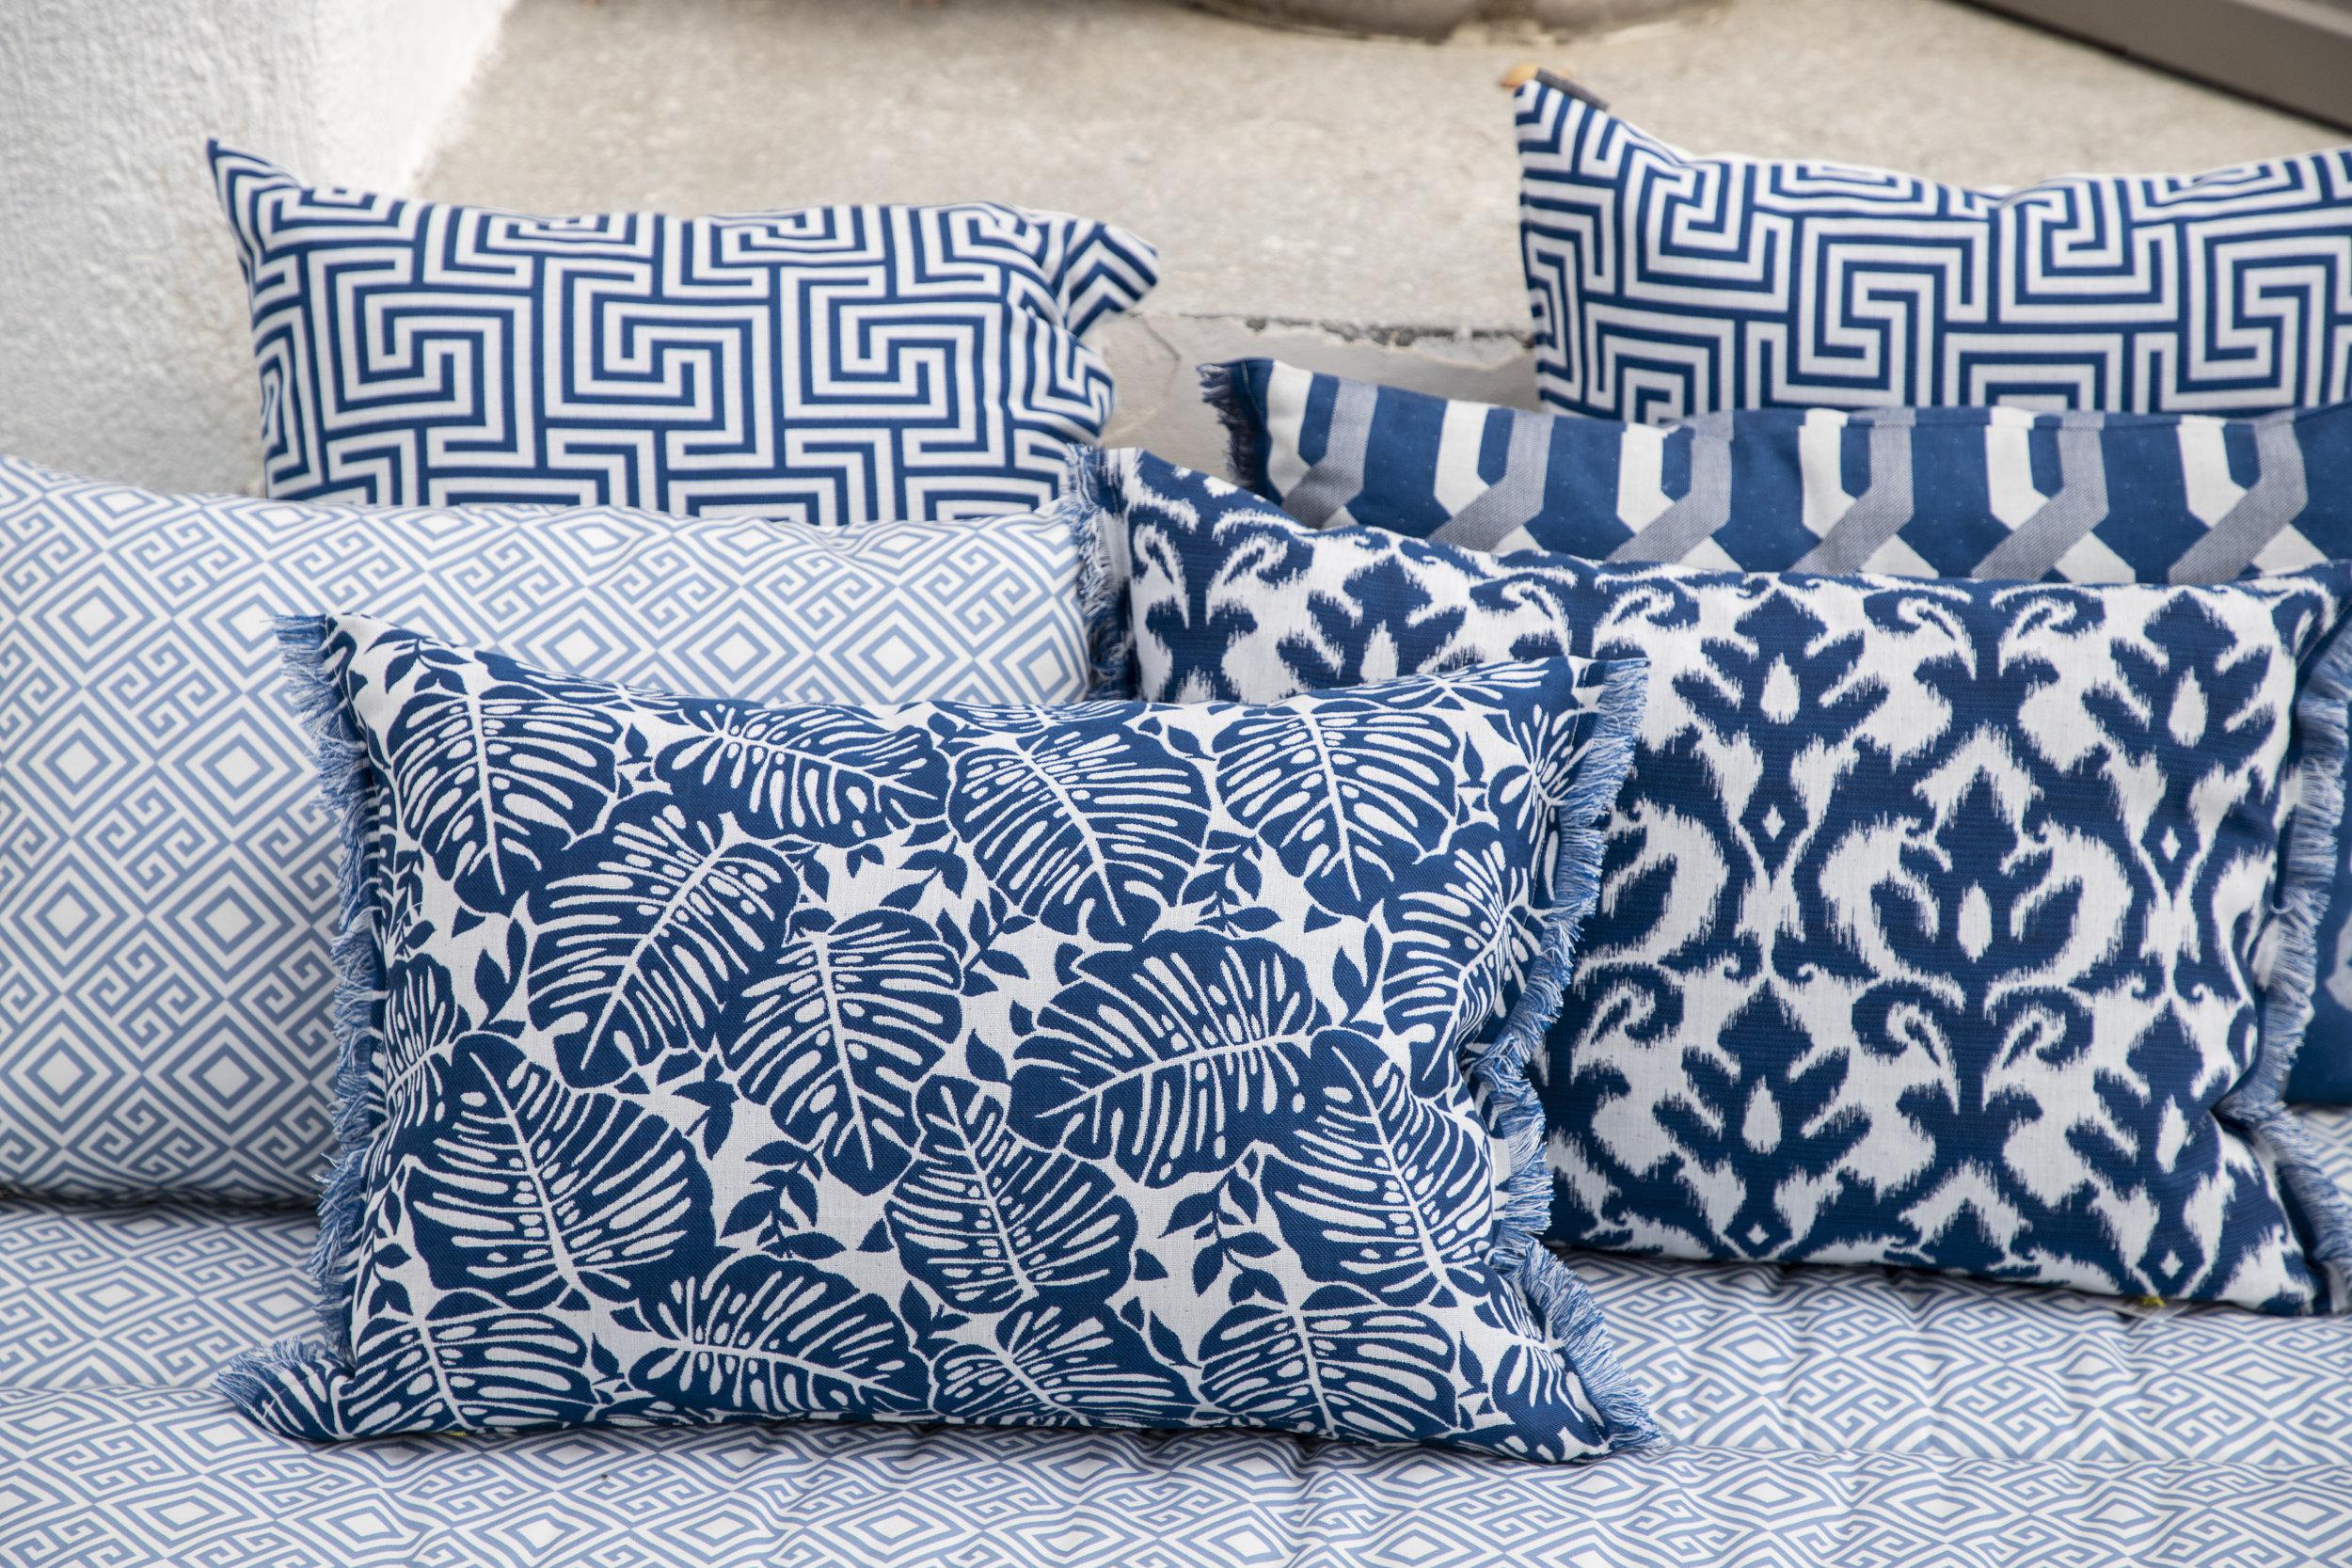 art group interiors-outdoor pillows.jpg